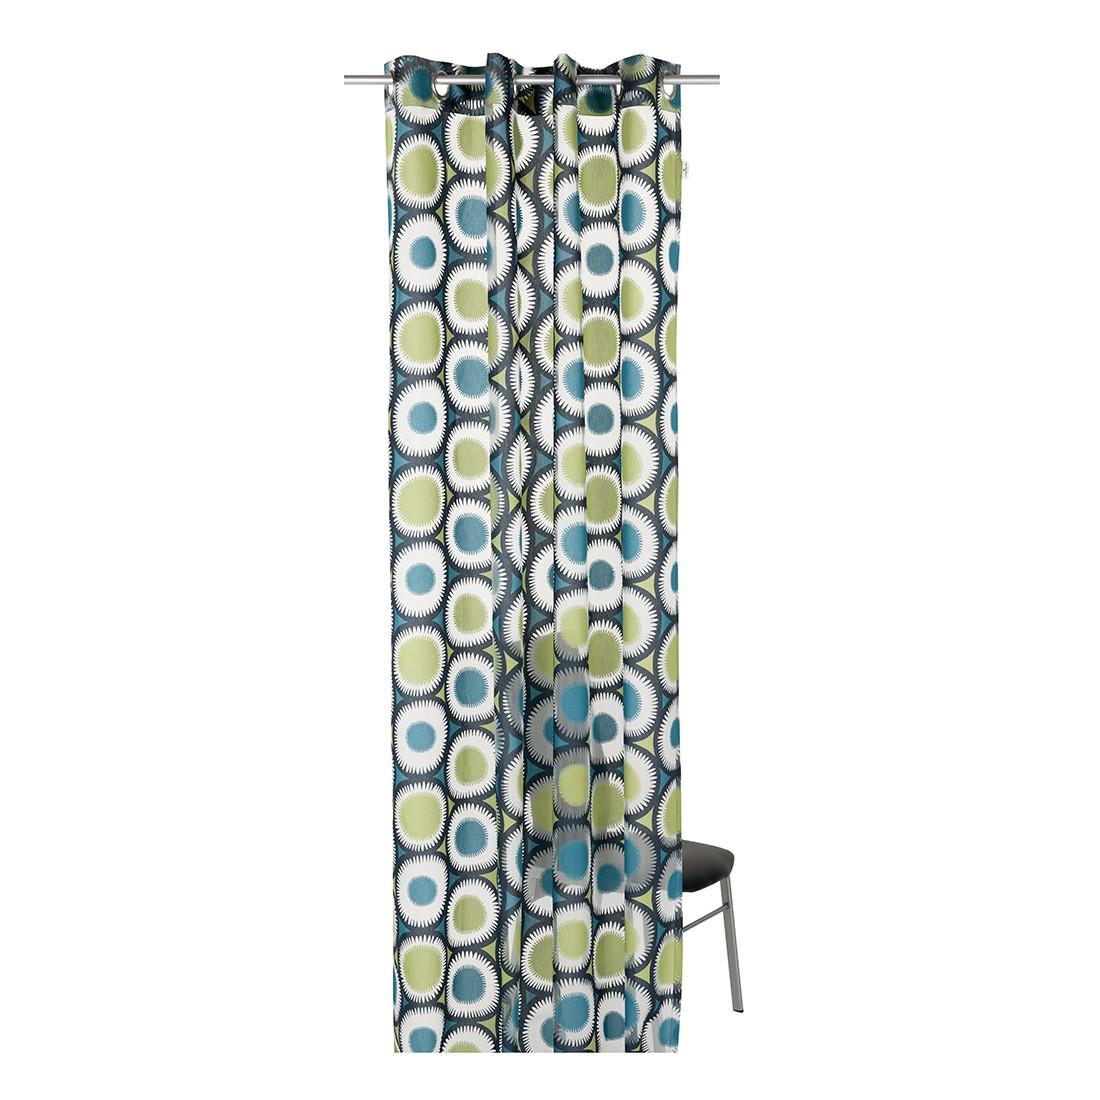 Ösenschal T-Painted Daisy – Blau/Grün – Transparenz: Blickdicht, Tom Tailor online bestellen